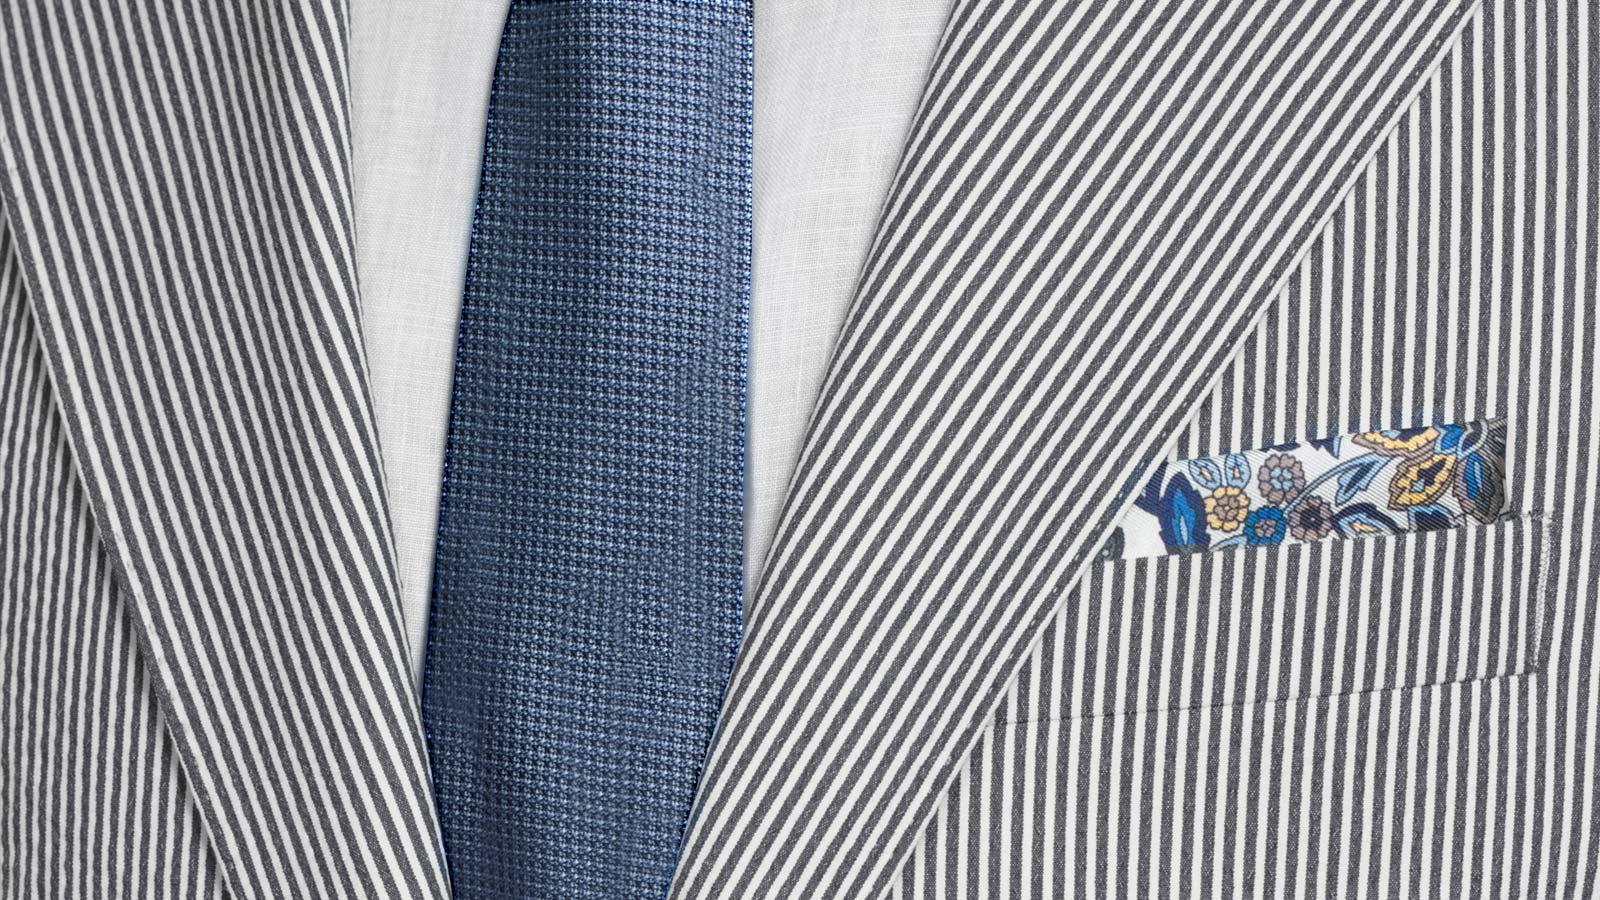 Seersucker Suit - slider image 1